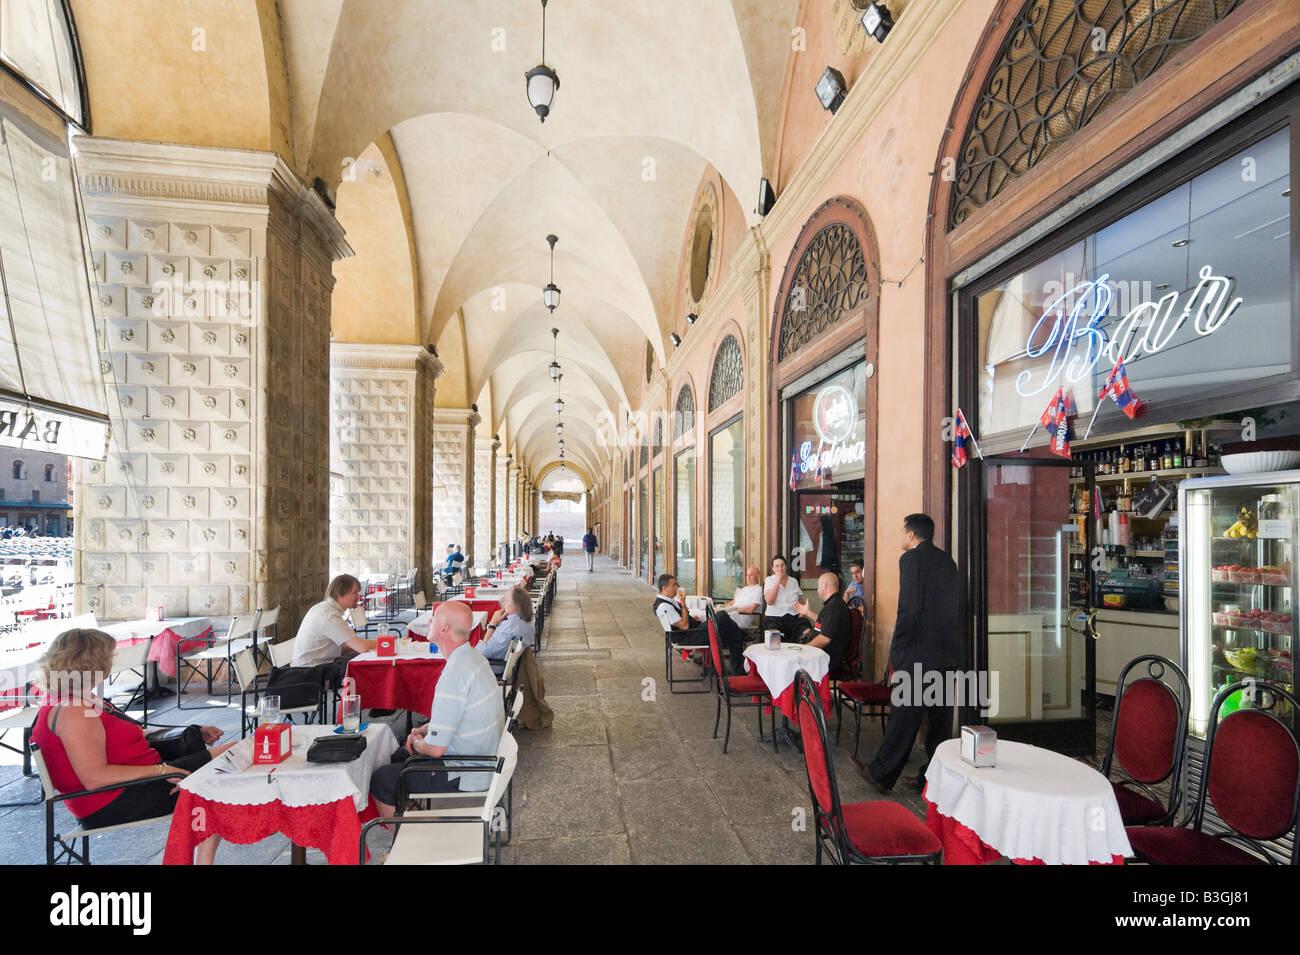 Cafe Bar in a portico in the historic centre, Piazza Maggiore, Bologna, Emilia Romagna, Italy - Stock Image